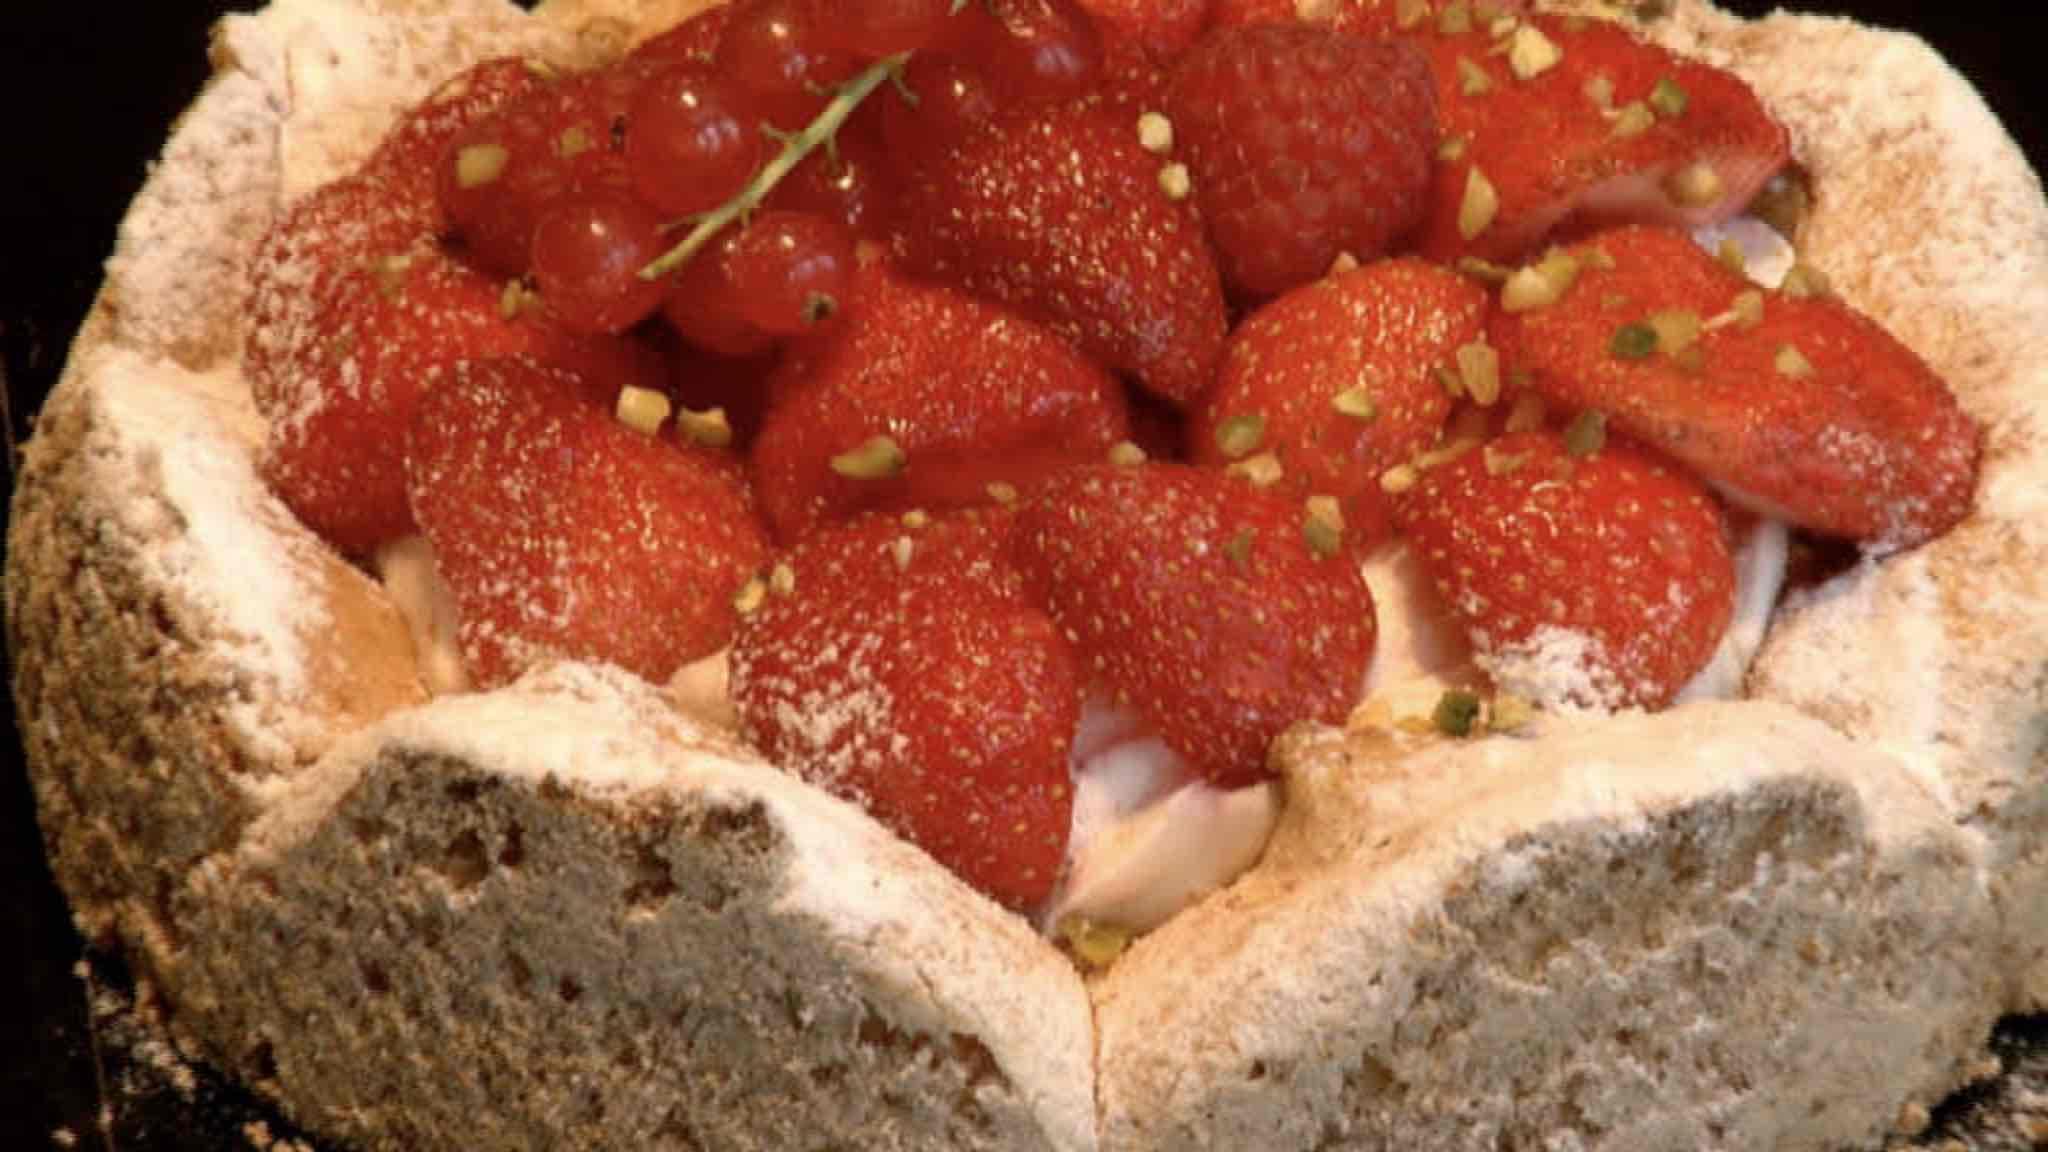 Des tartes aux fraises difficiles à digérer